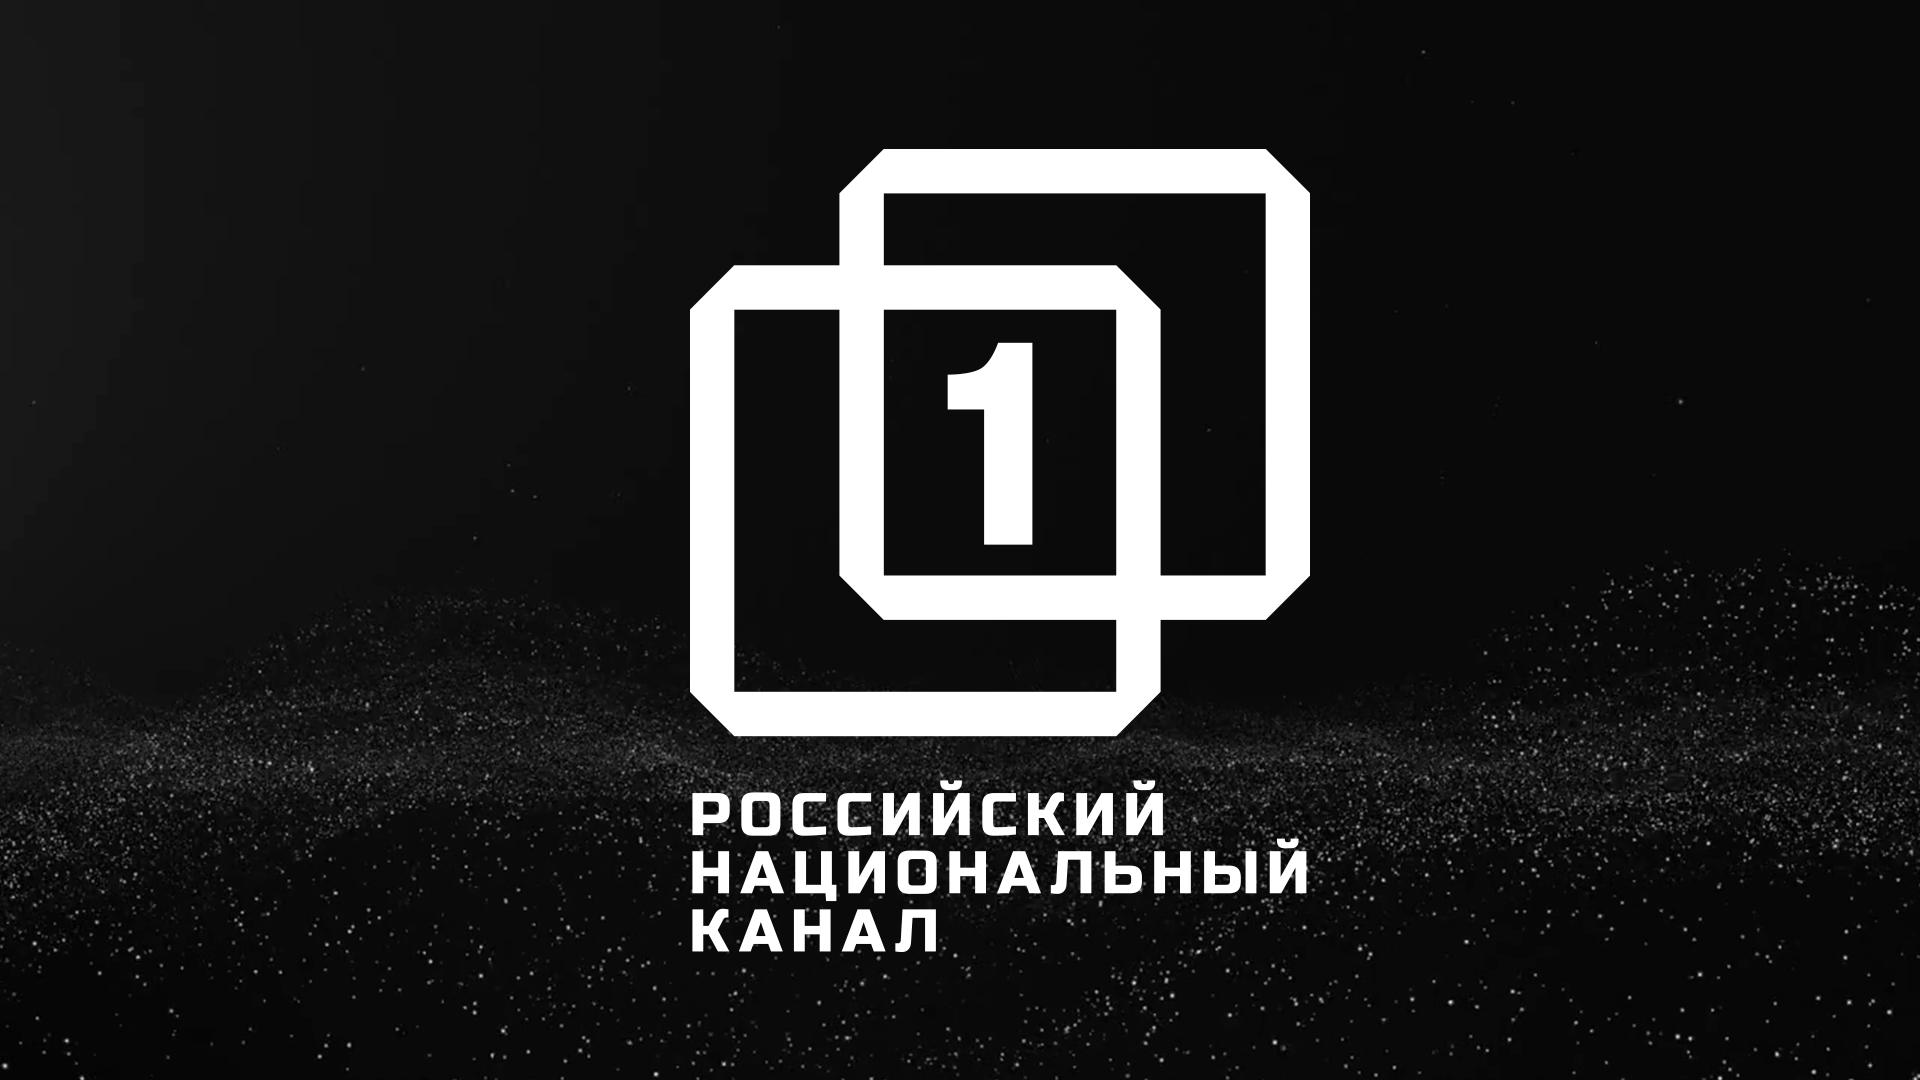 ПРНК HD